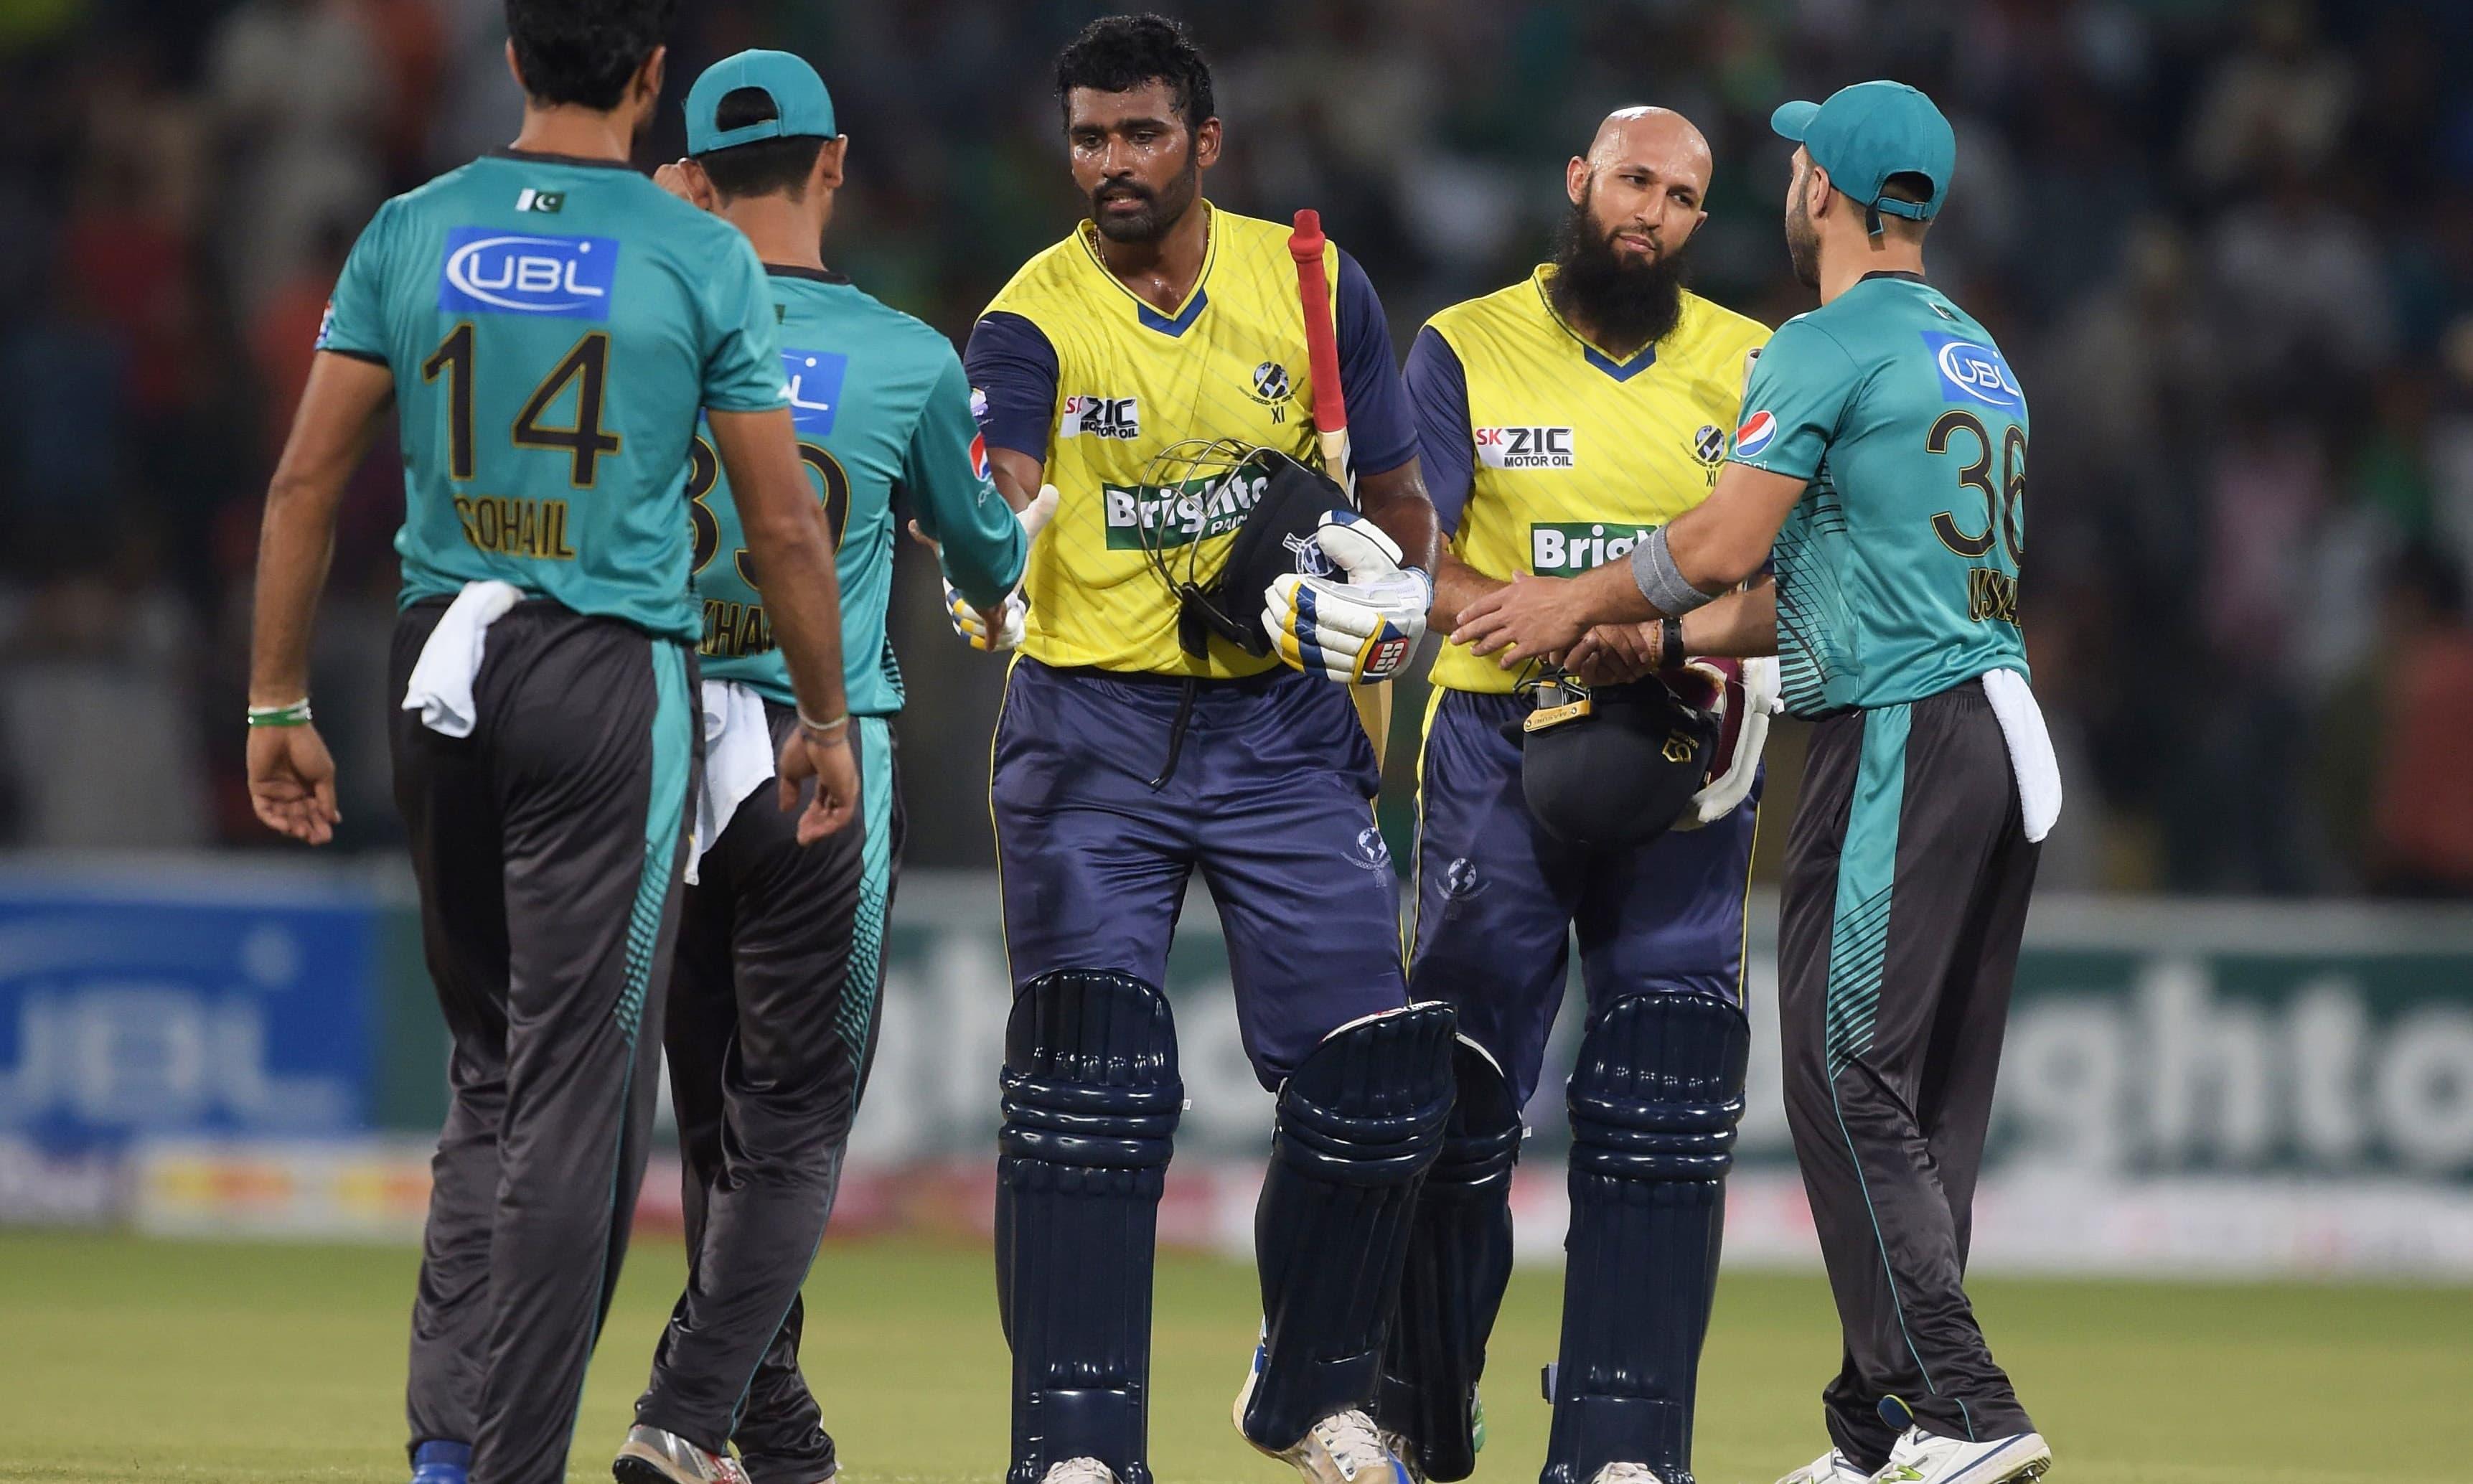 پاکستانی کھلاڑی فتح پر ہاشم آملا اور تھسارا پریرا کو مبارکباد دیتے ہوئے— فوٹو: اے ایف پی